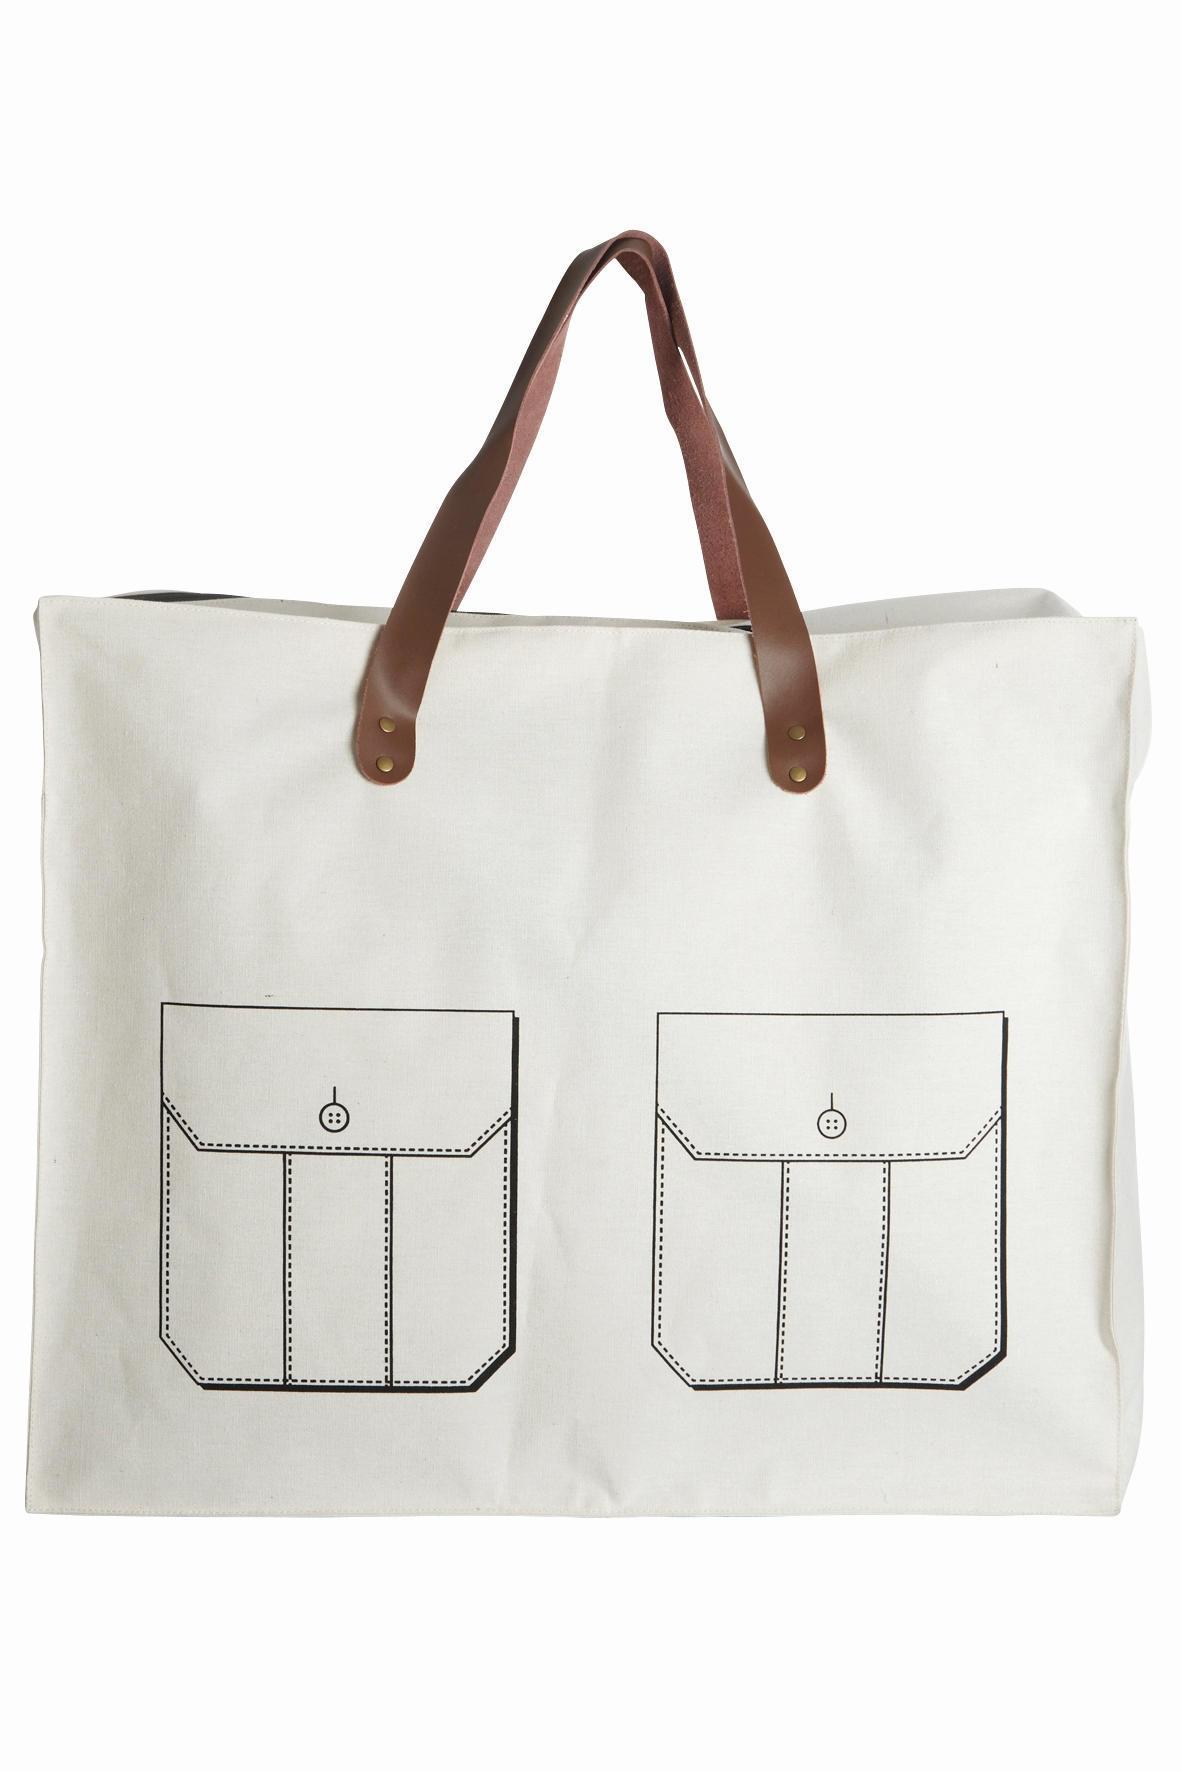 House Doctor Nákupní taška Pocket, bílá barva, textil